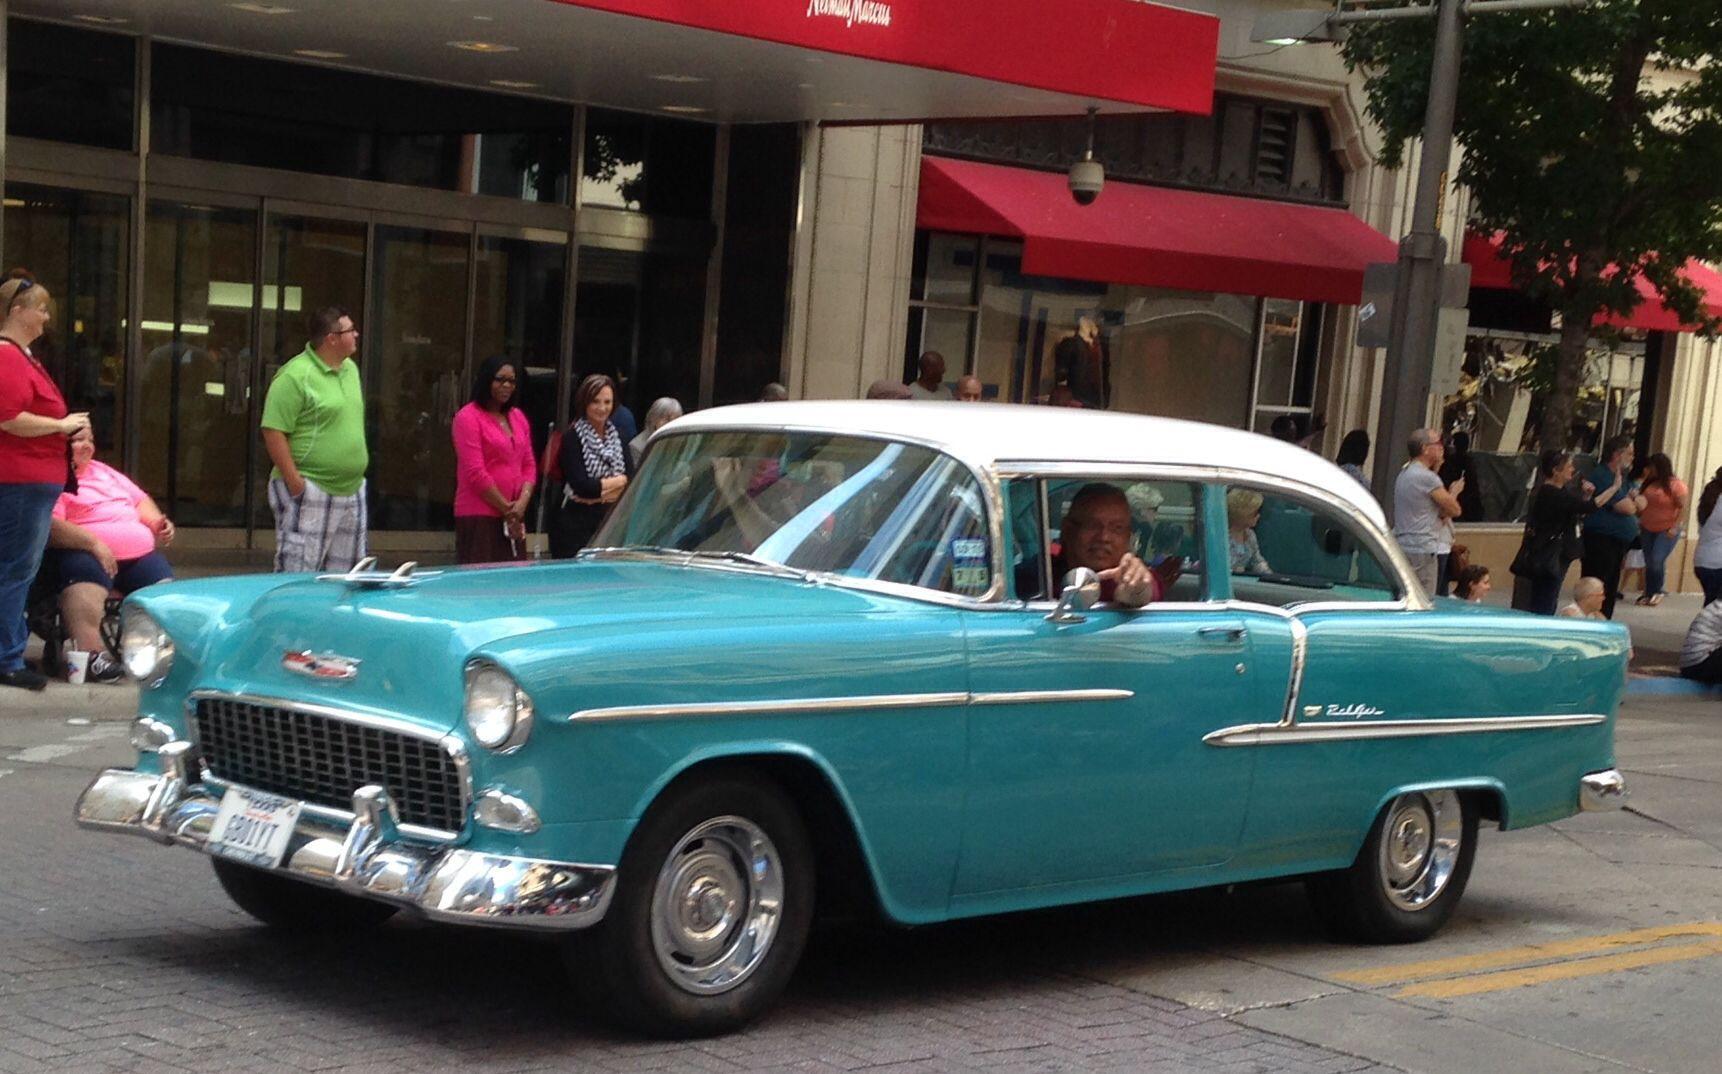 Antique car State Fair of Texas Parade | Dallas Texas | Pinterest ...